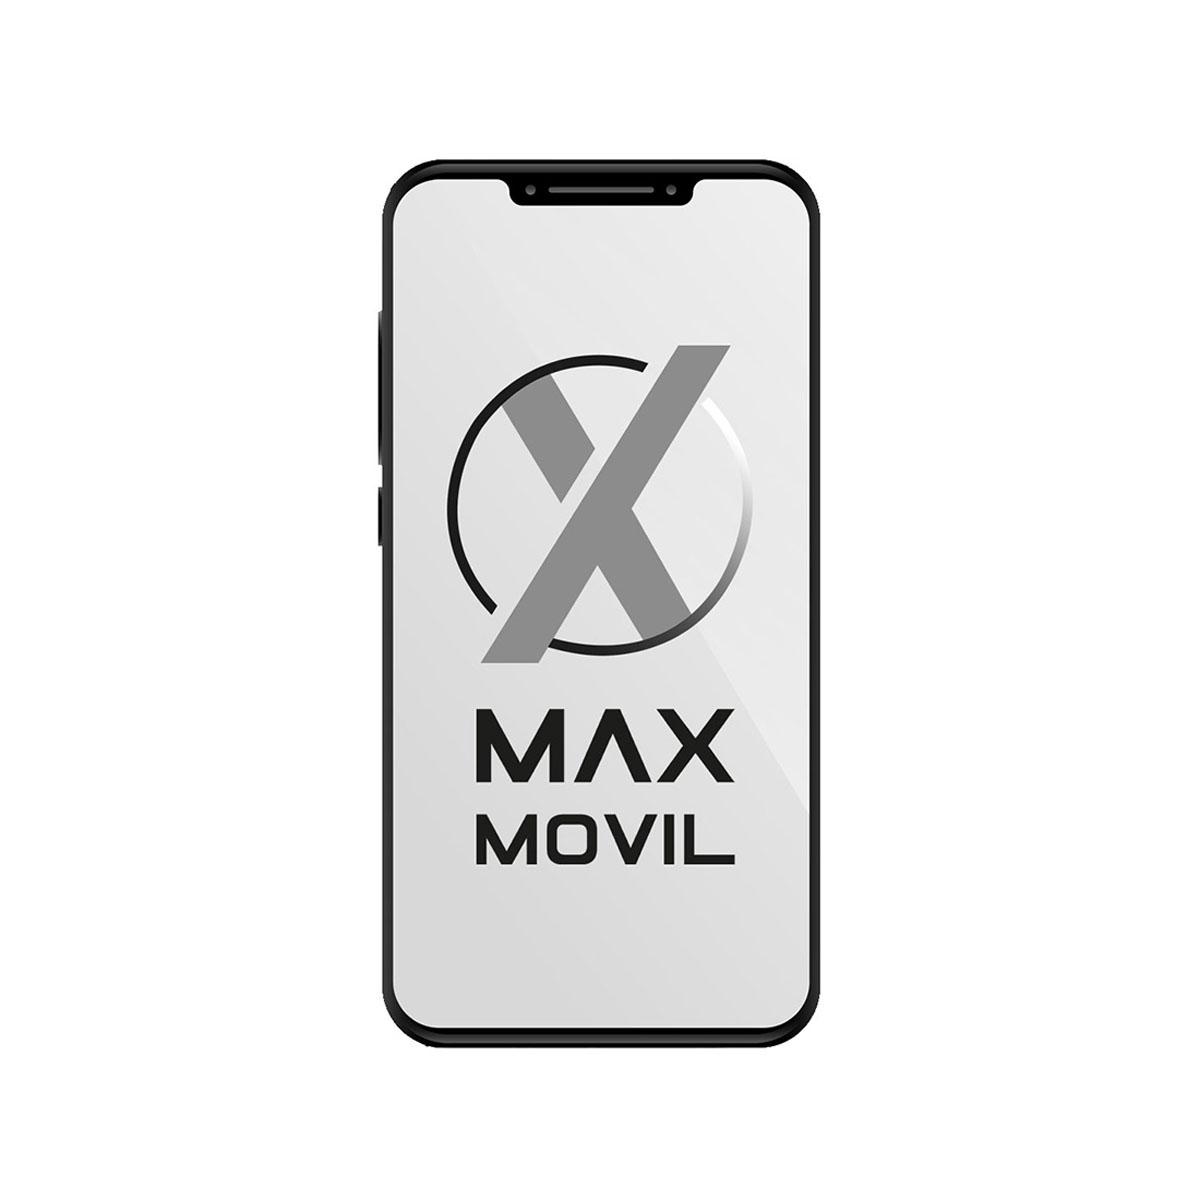 Funda bumper protectora para iPhone 5/5s blanca y negra